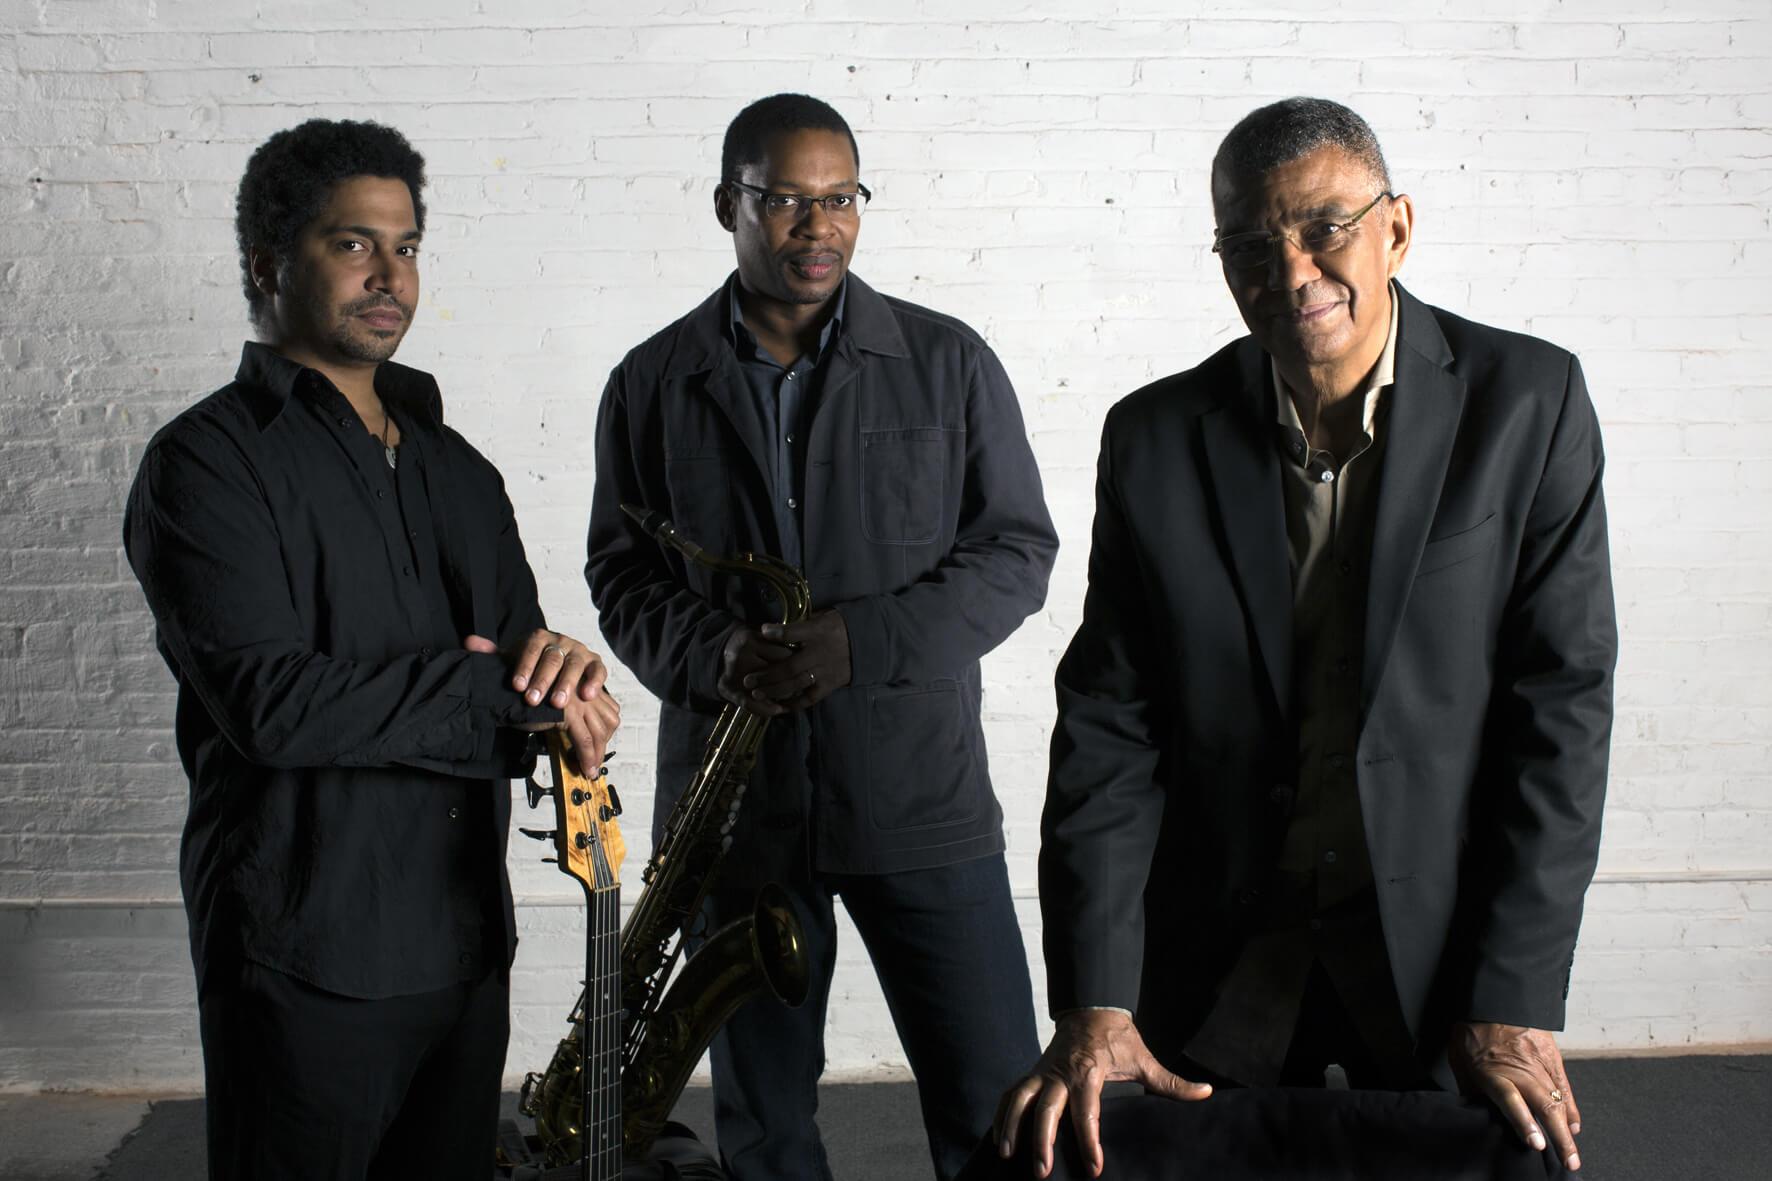 bassa-Jack-DeJohnette-Trio-with-Ravi-Coltrane-and-Matt-Garrison-Photo-By-Sandrine-Lee-3